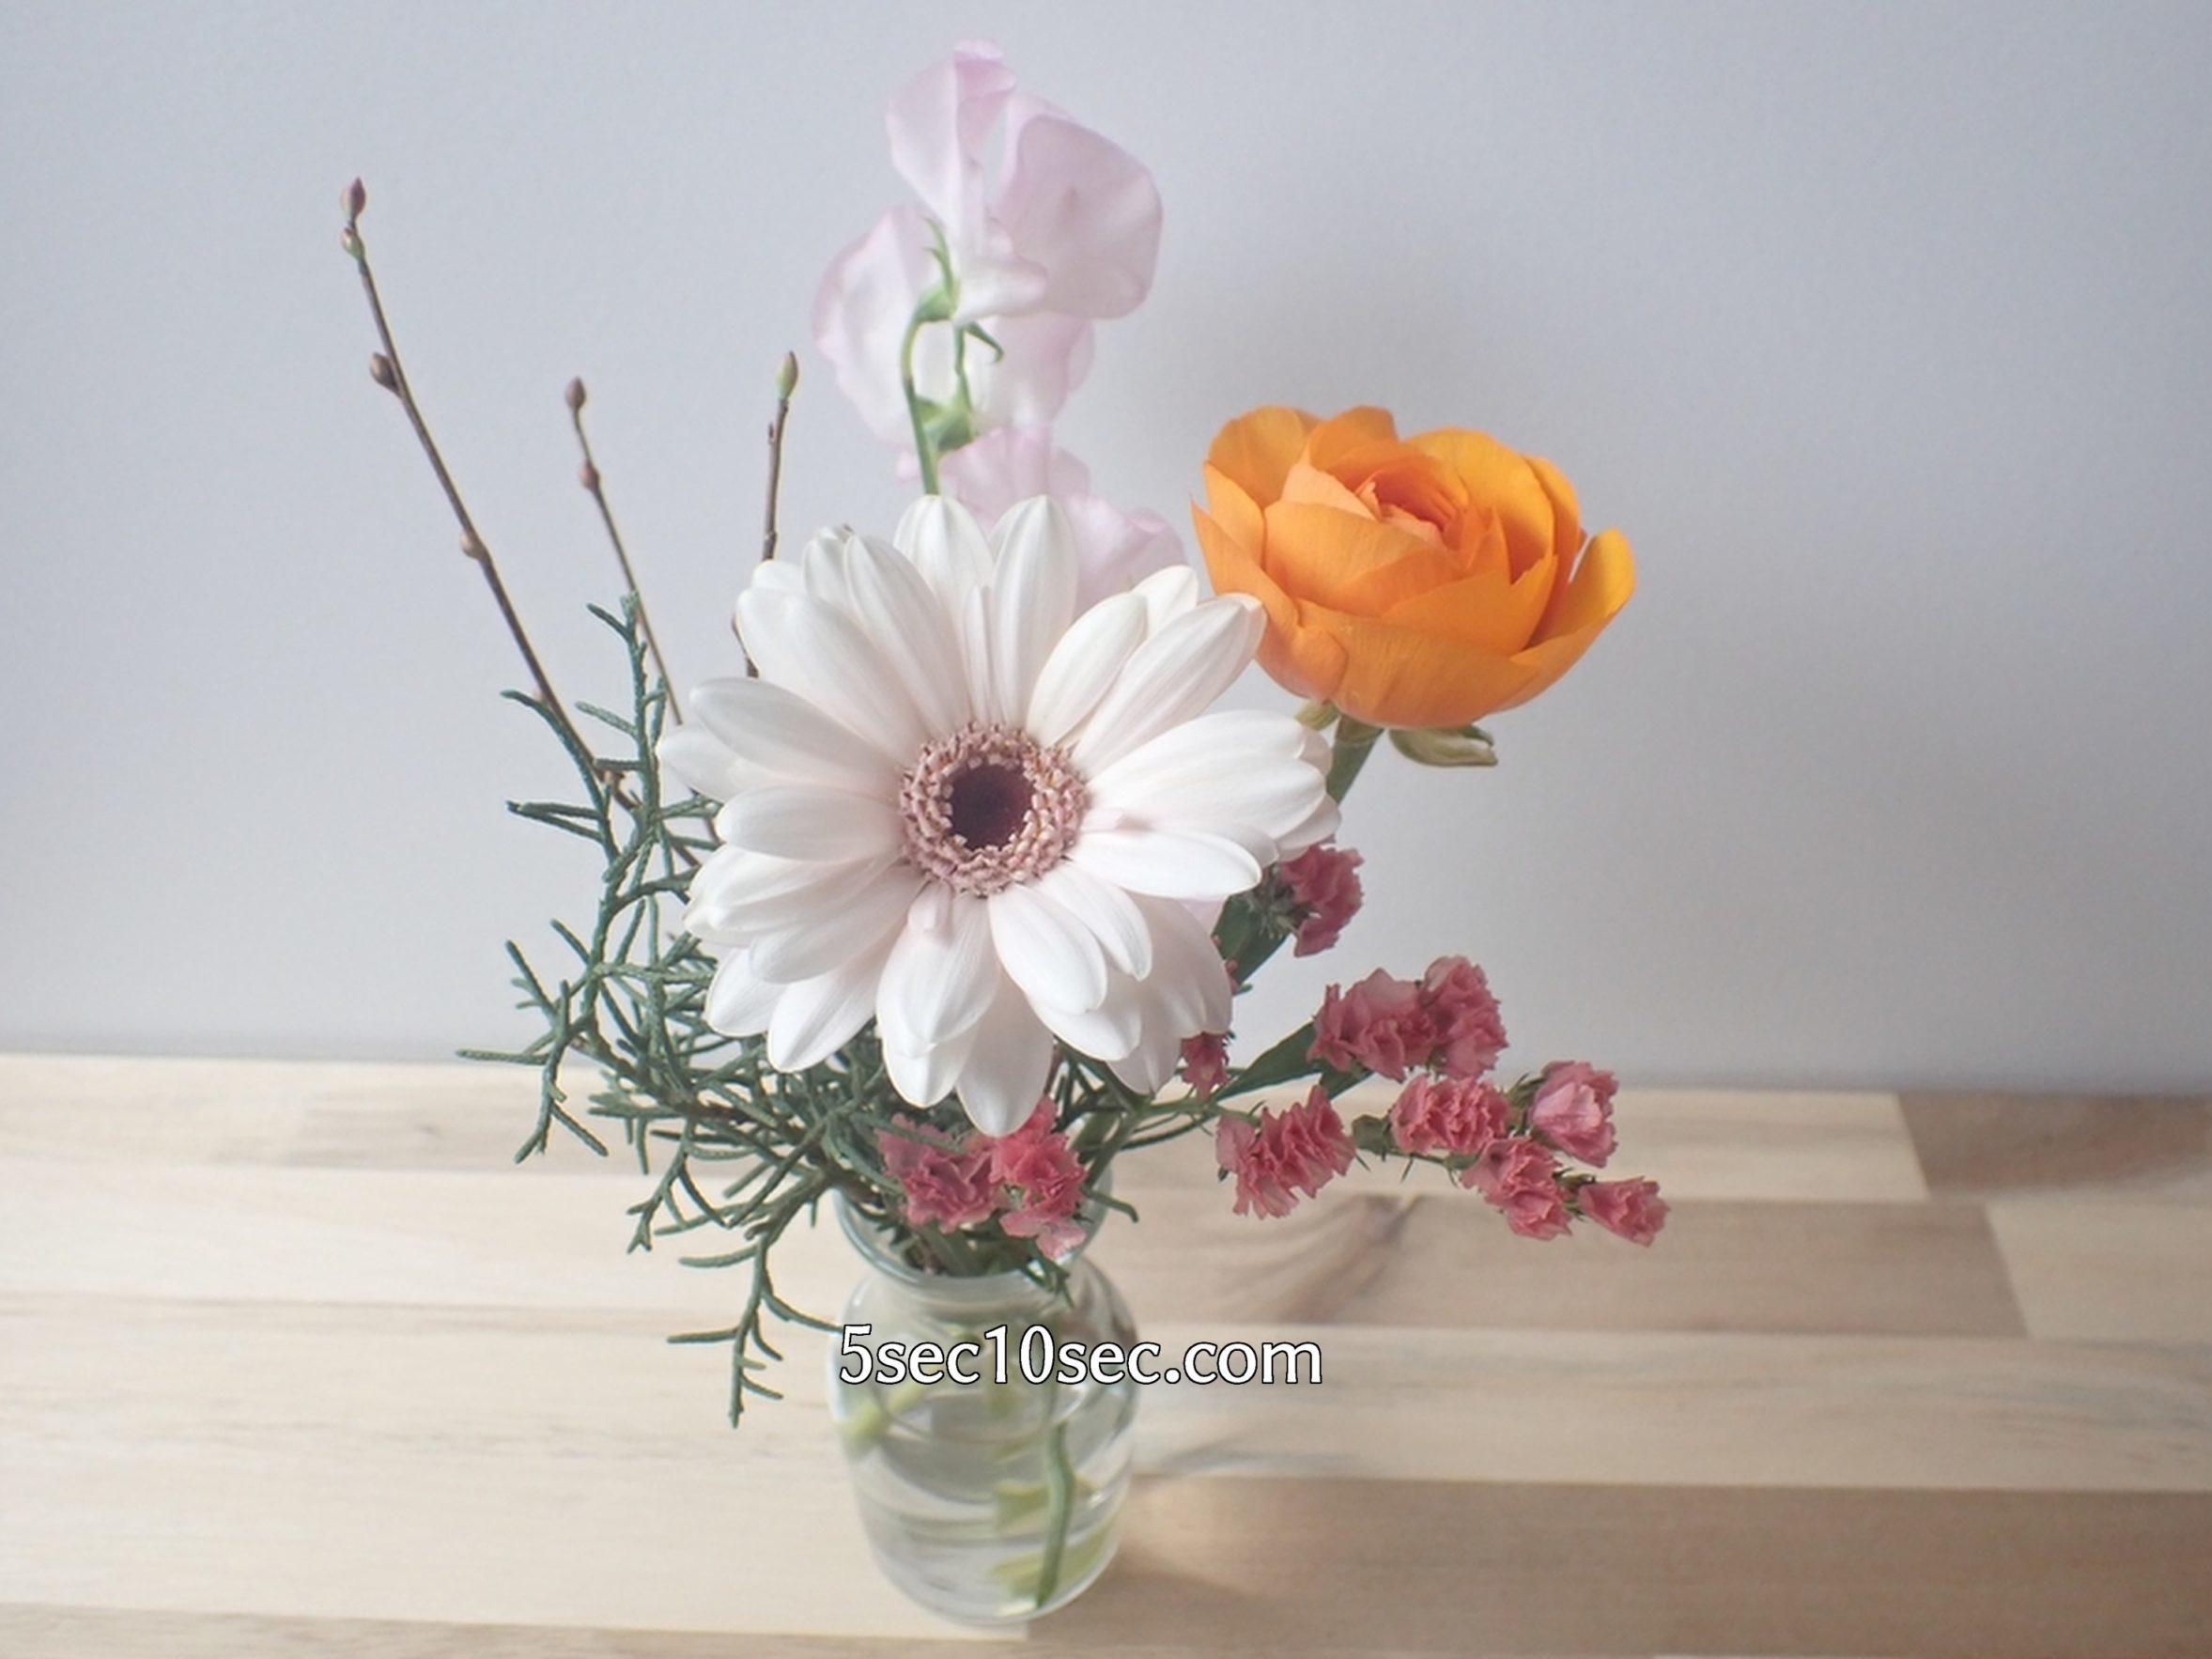 株式会社Crunch Style お花の定期便 Bloomee LIFE ブルーミーライフ 800円のレギュラープラン お手入れをして1~2日休ませると、切り花やグリーンが元気になります